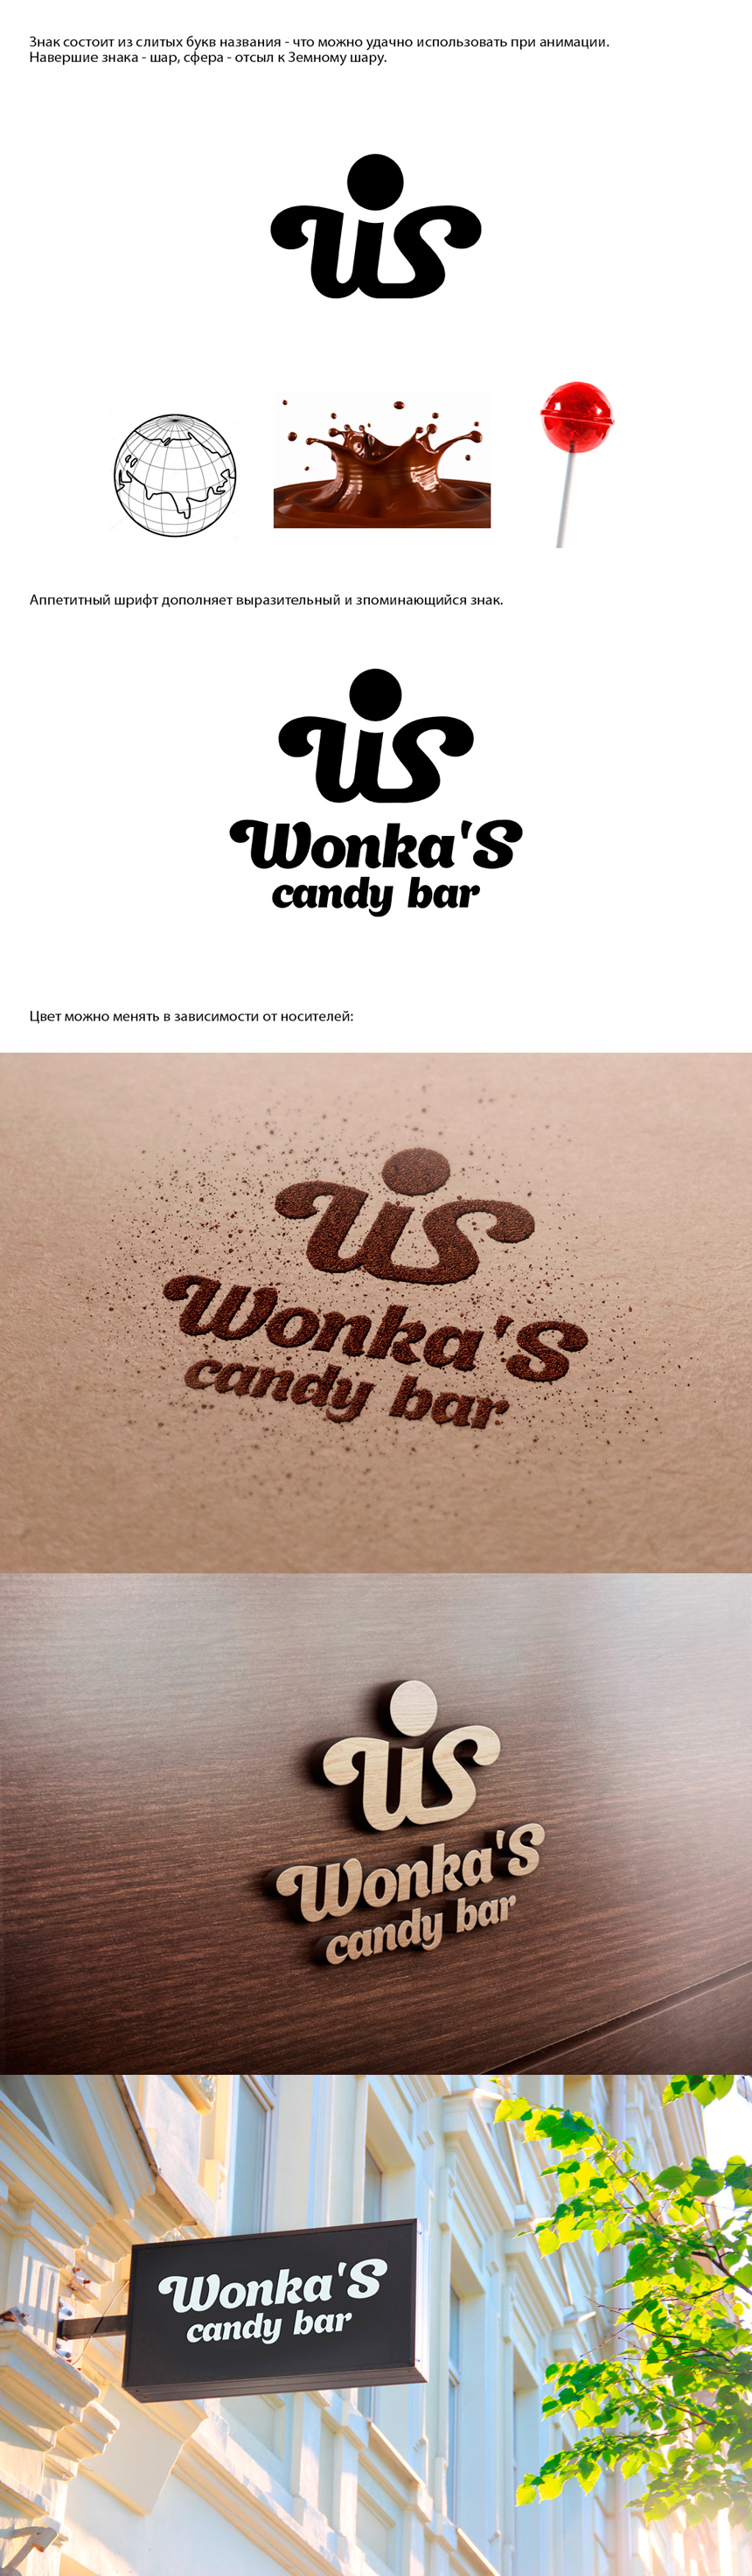 Разработка логотипа магазина сладостей со всего мира. фото f_4845a29a908e9e88.jpg